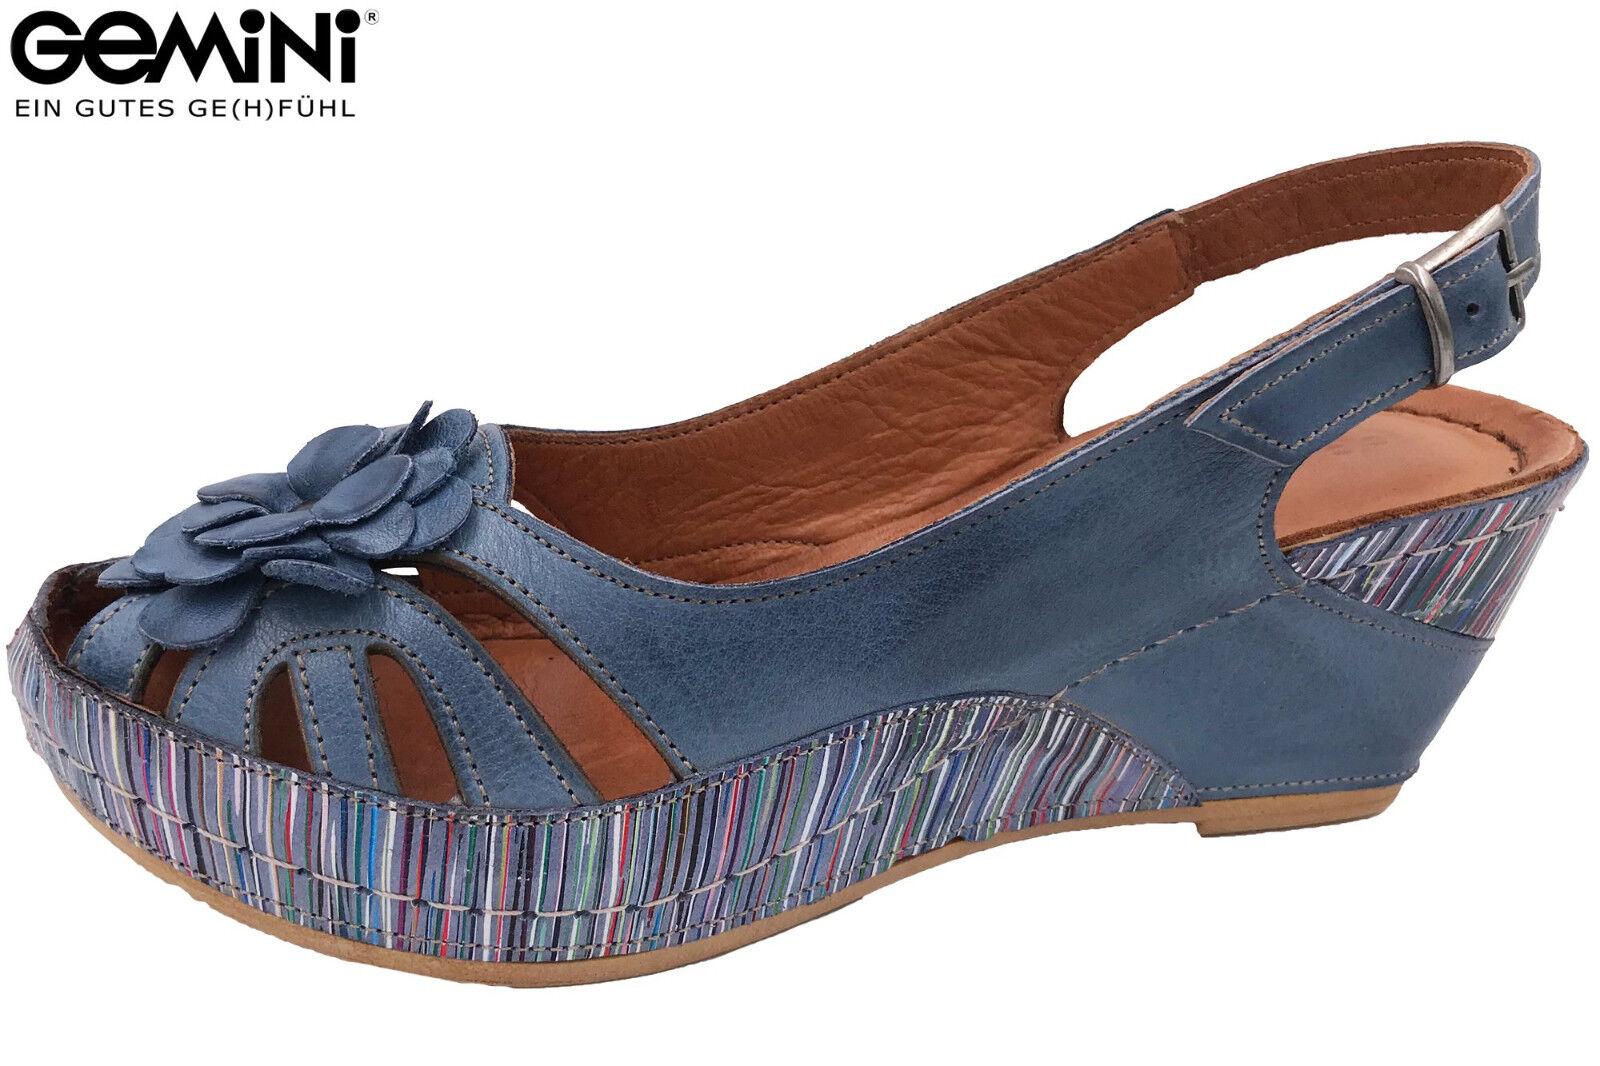 Gemini Damen Sandale Leder Blau Sommer Keilabsatz 31504 NEU Sandalette